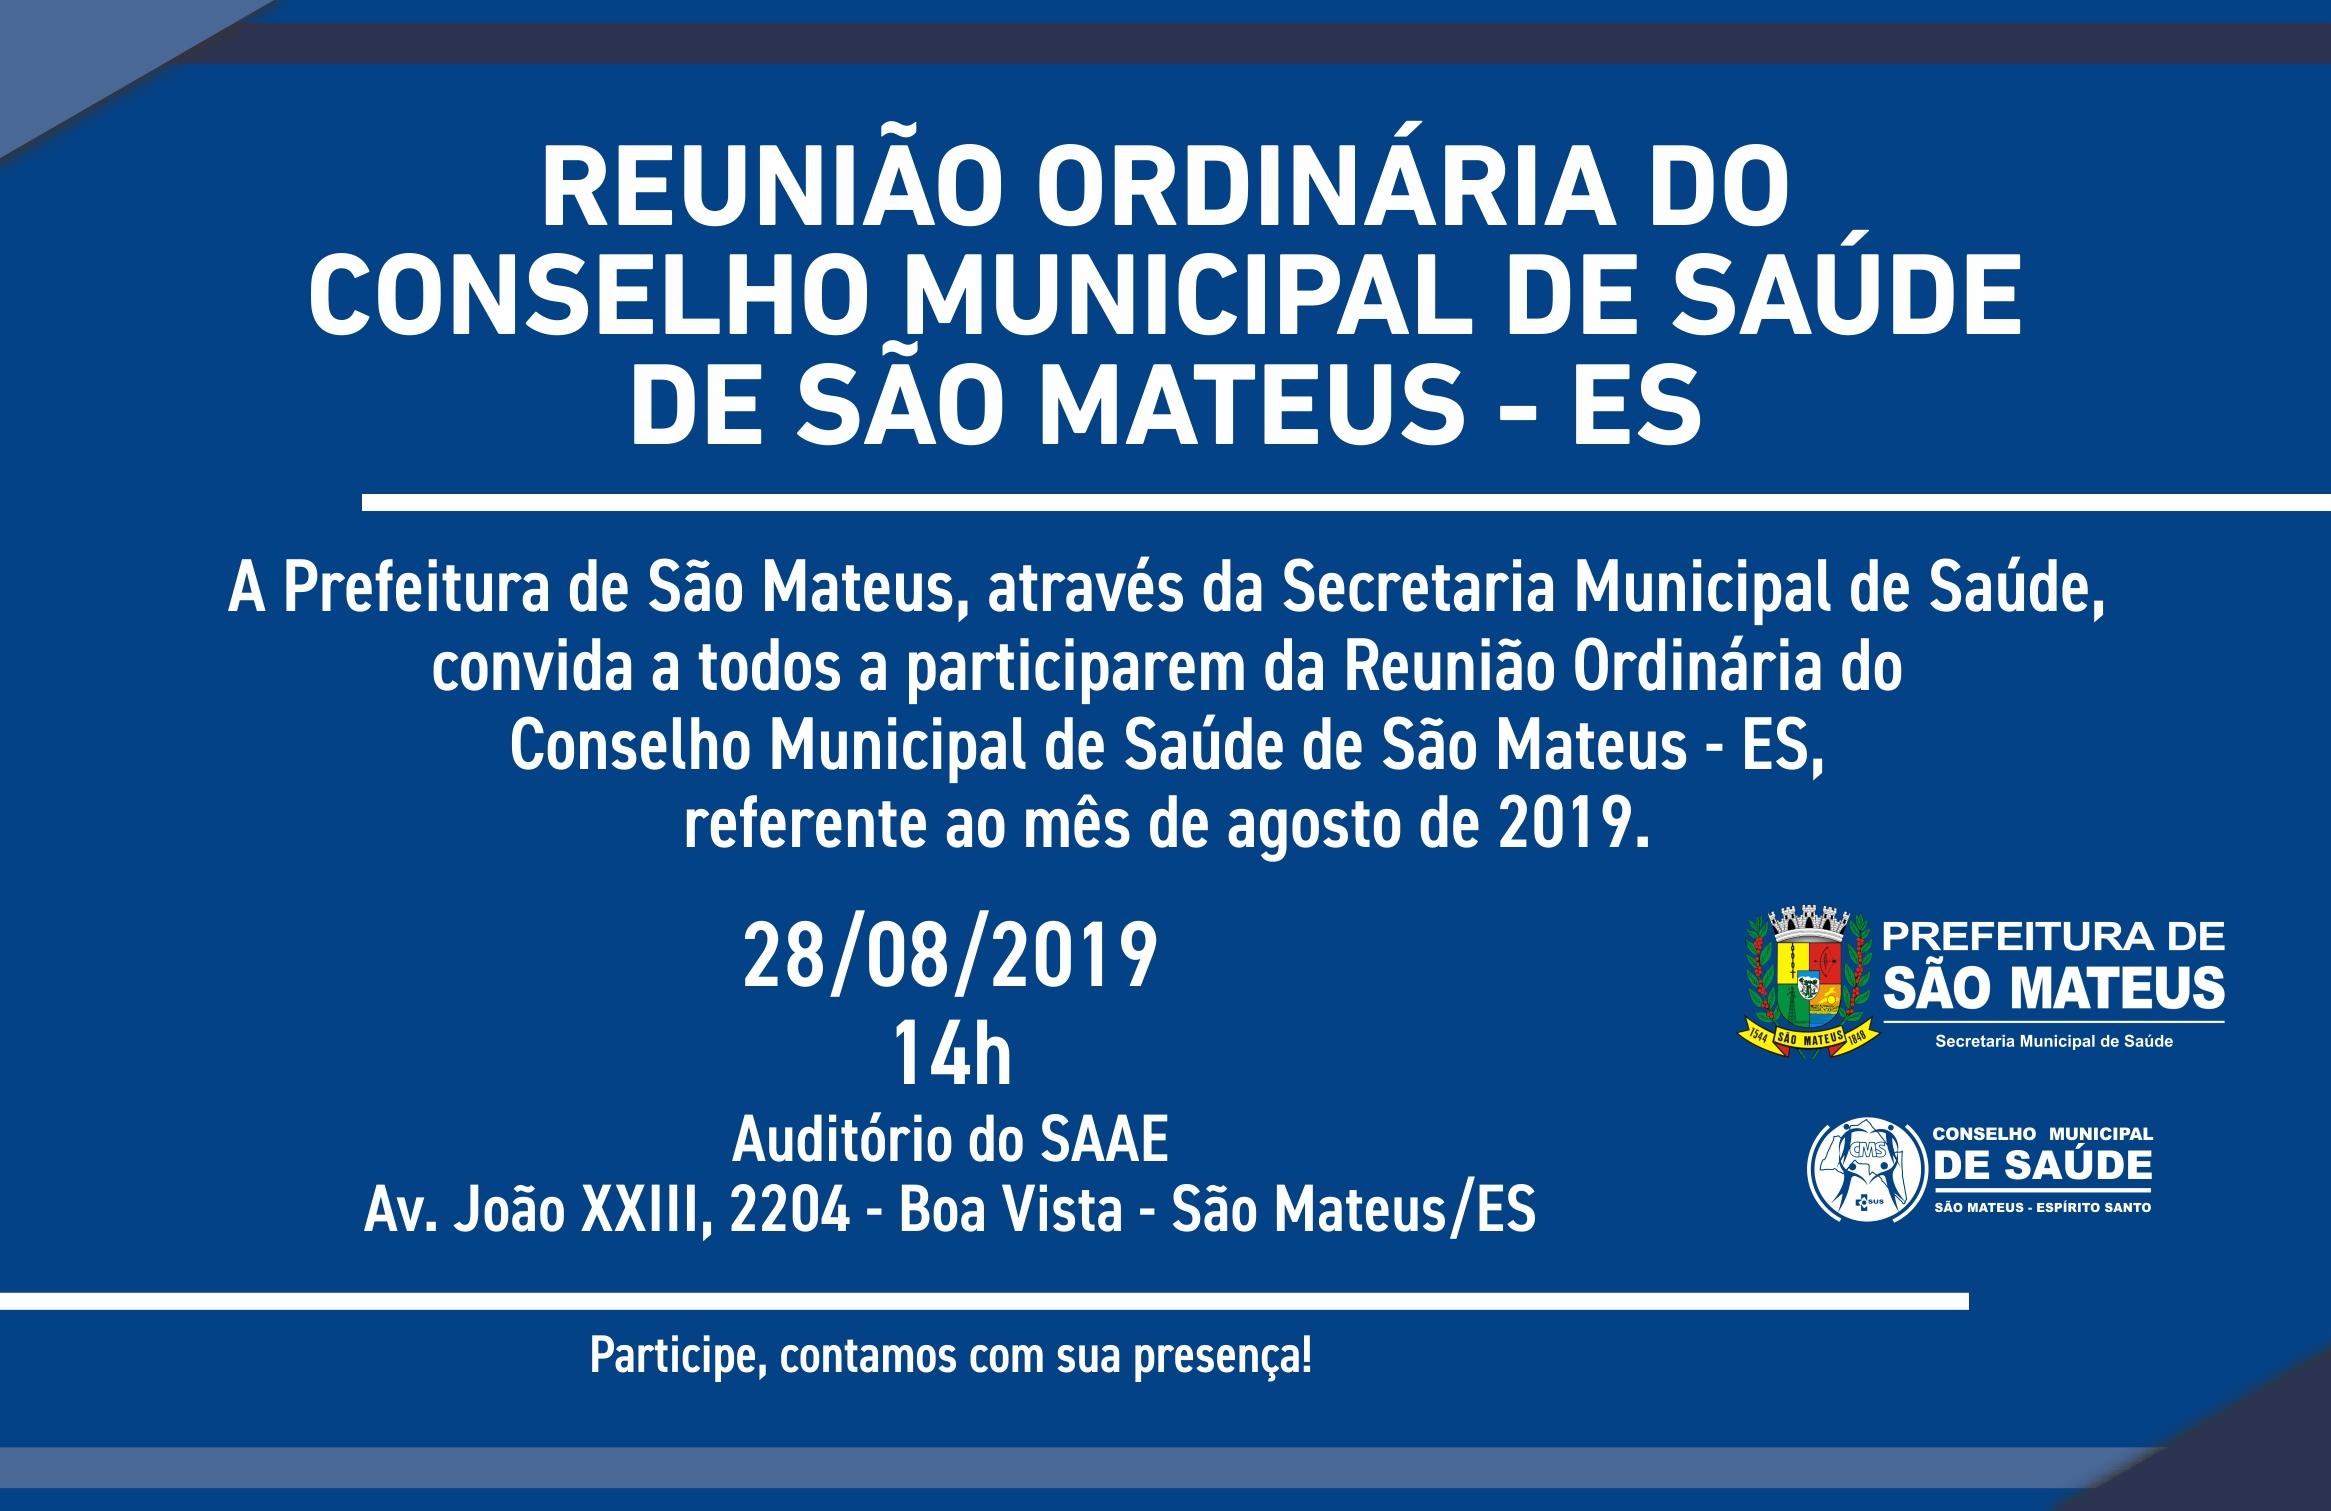 REUNIÃO ORDINÁRIA DO CONSELHO MUNICIPAL DE SAÚDE DE SÃO MATEUS - ES